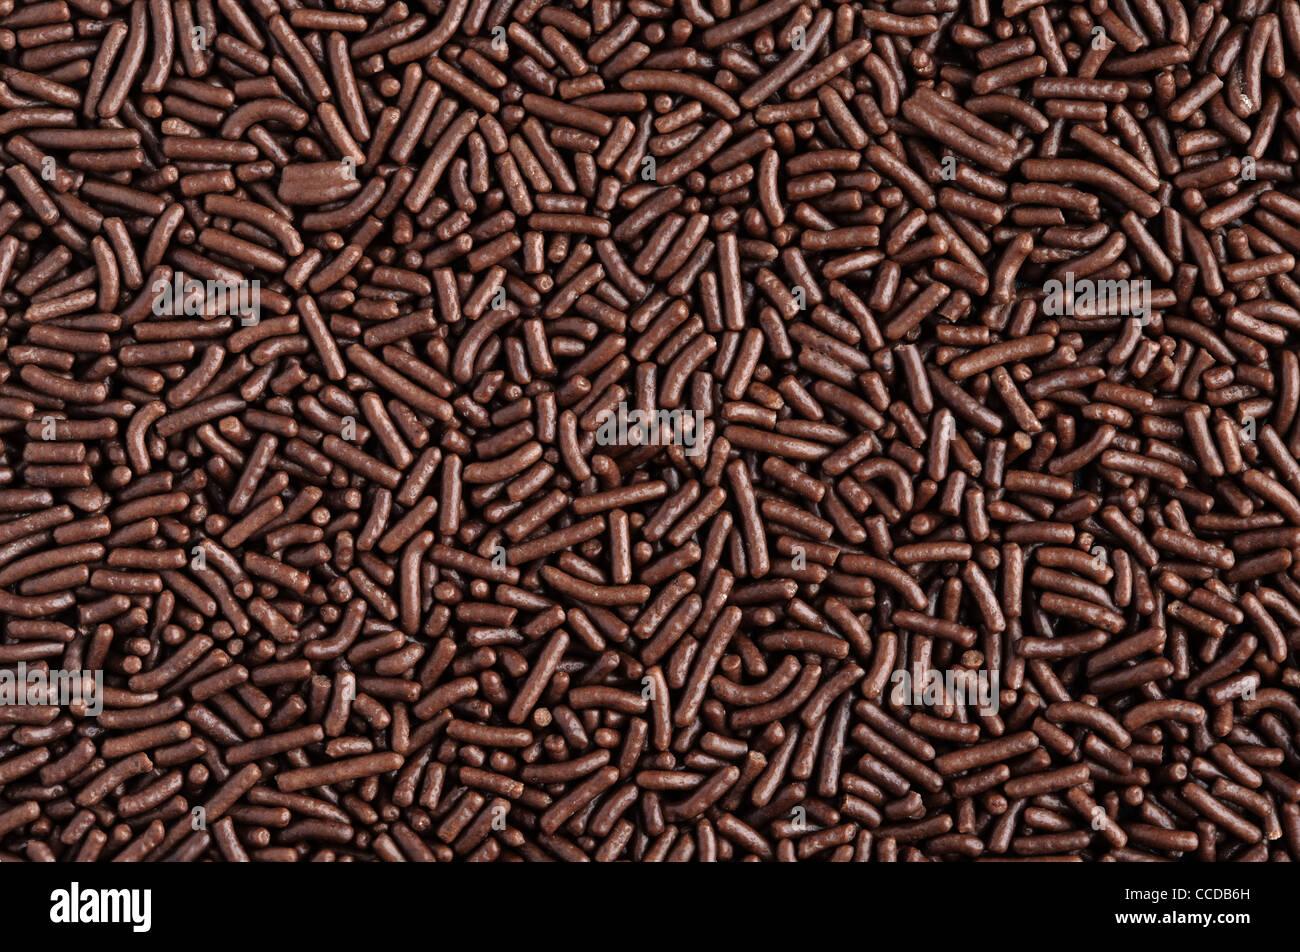 Schokolade Vermicelli Hintergrund (Schokostreuseln) Stockbild